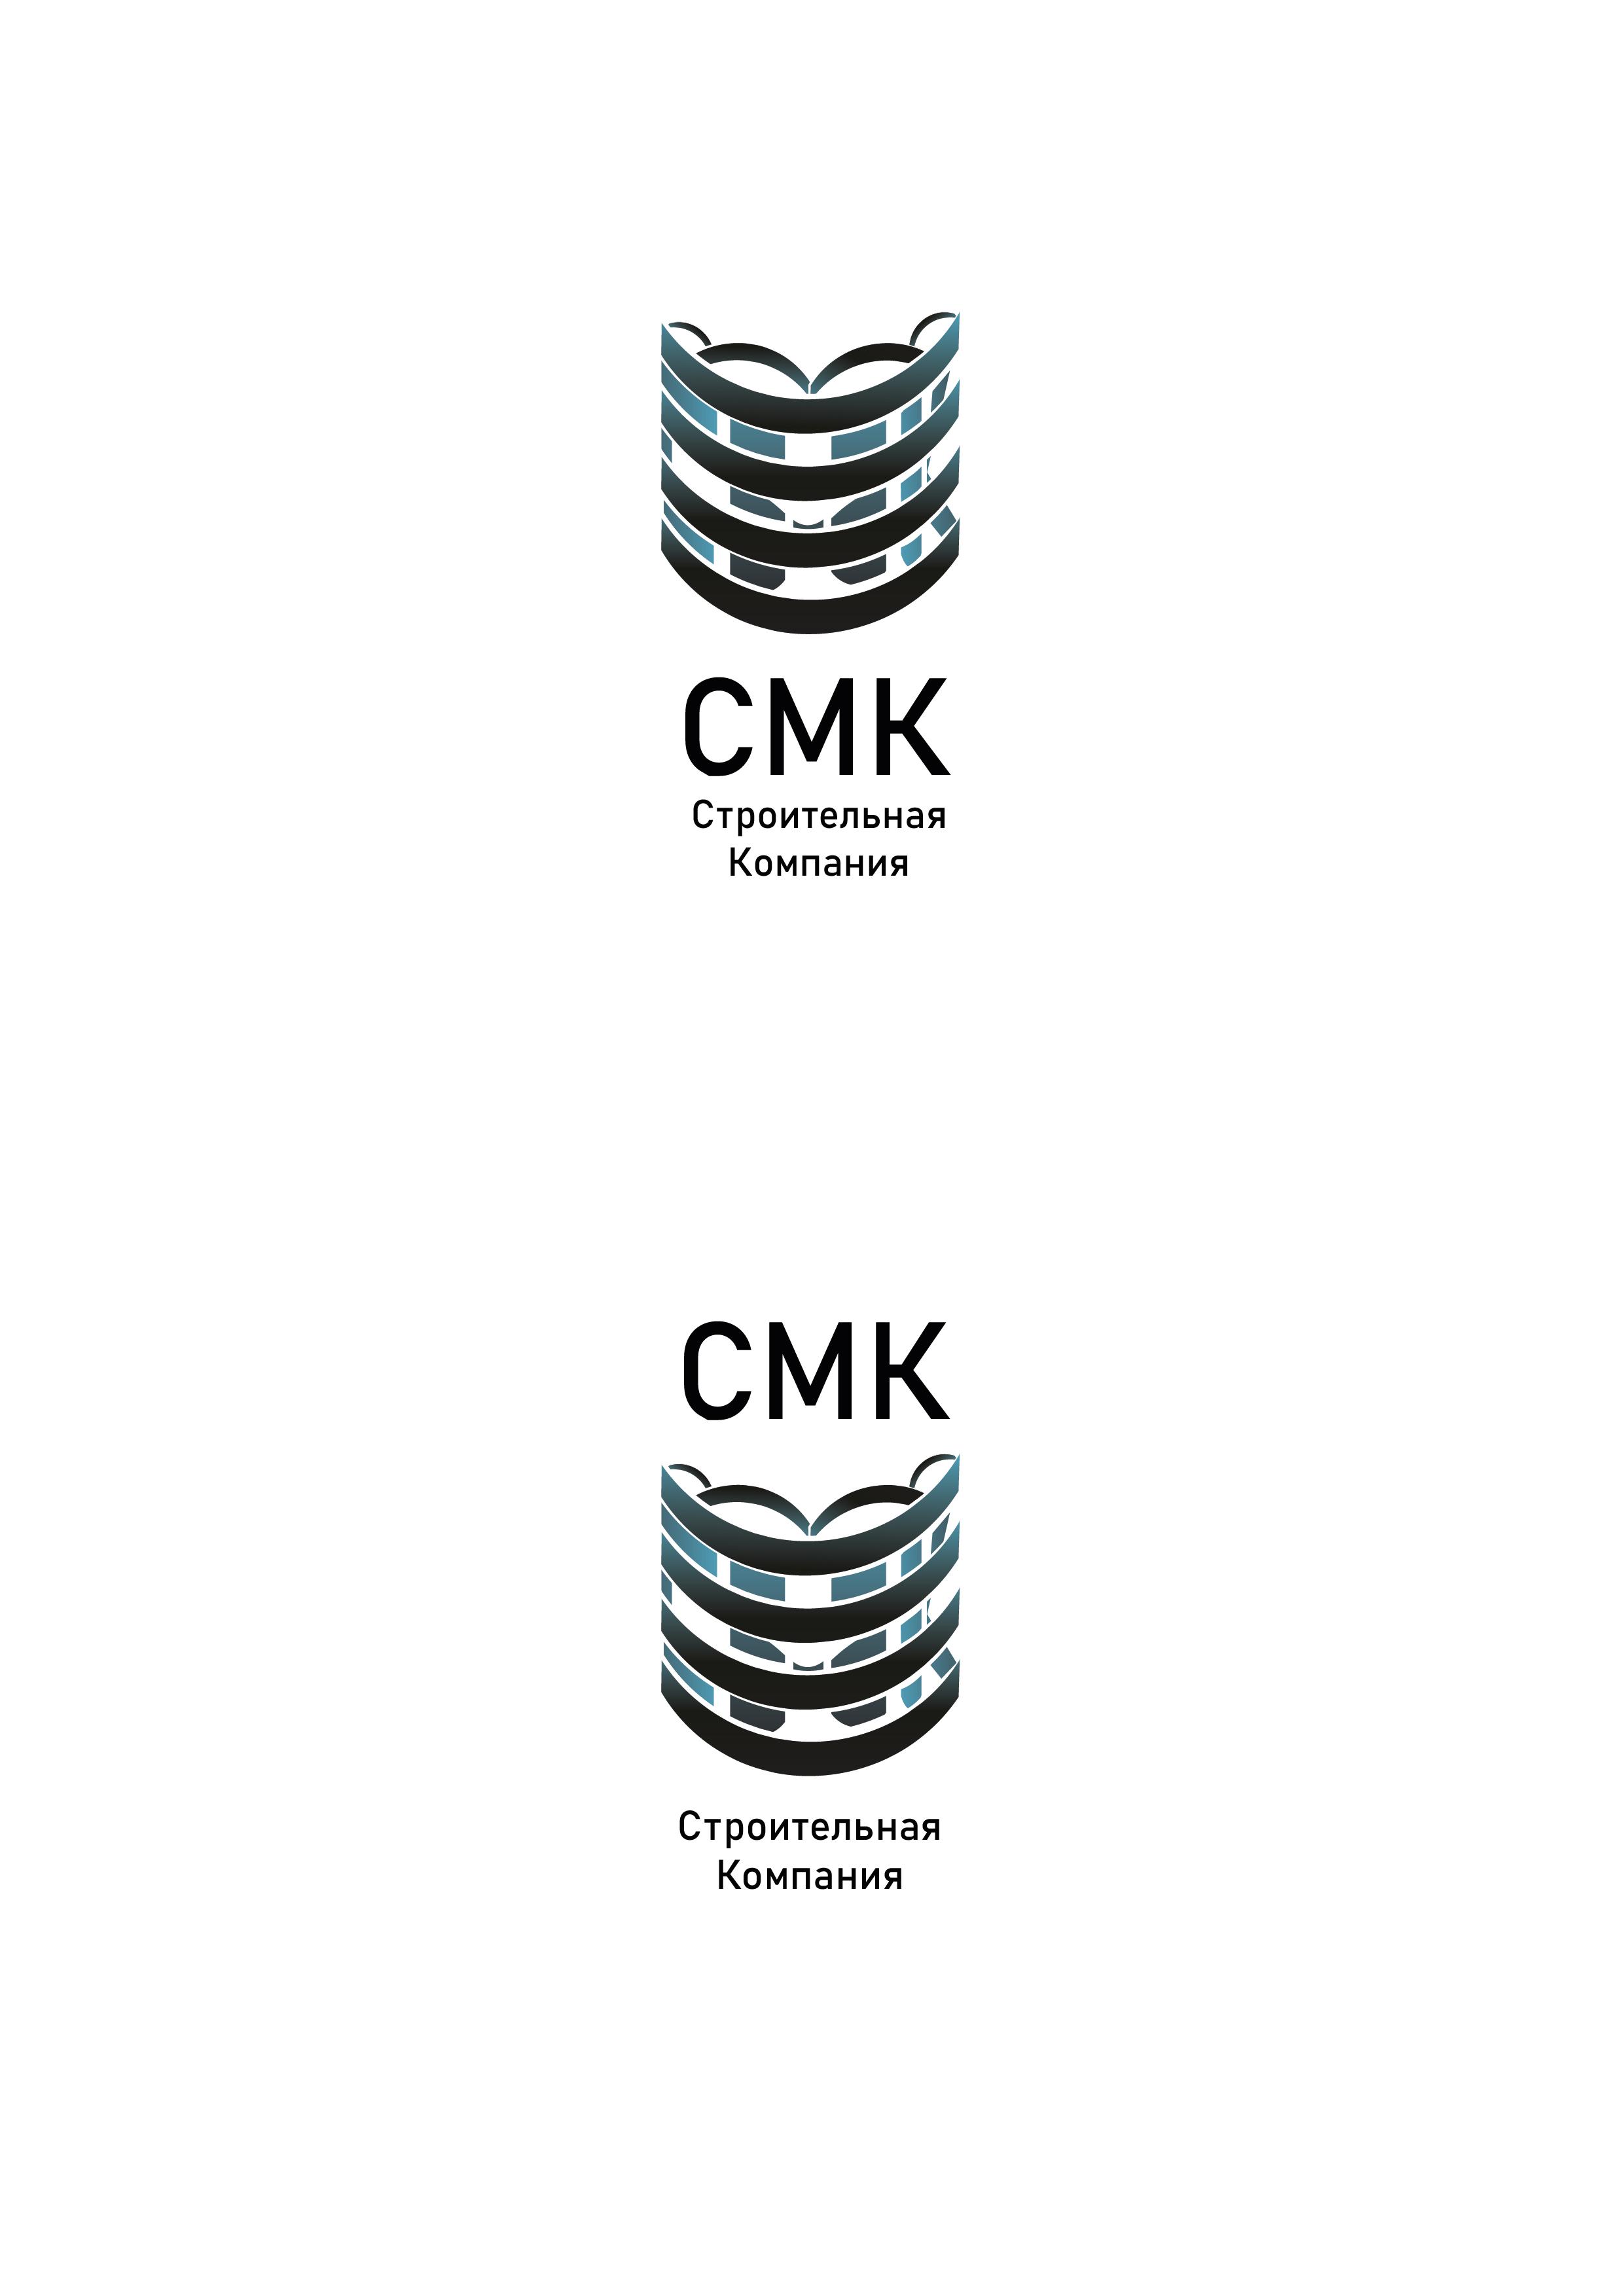 Разработка логотипа компании фото f_1925dc44b37a1e36.jpg